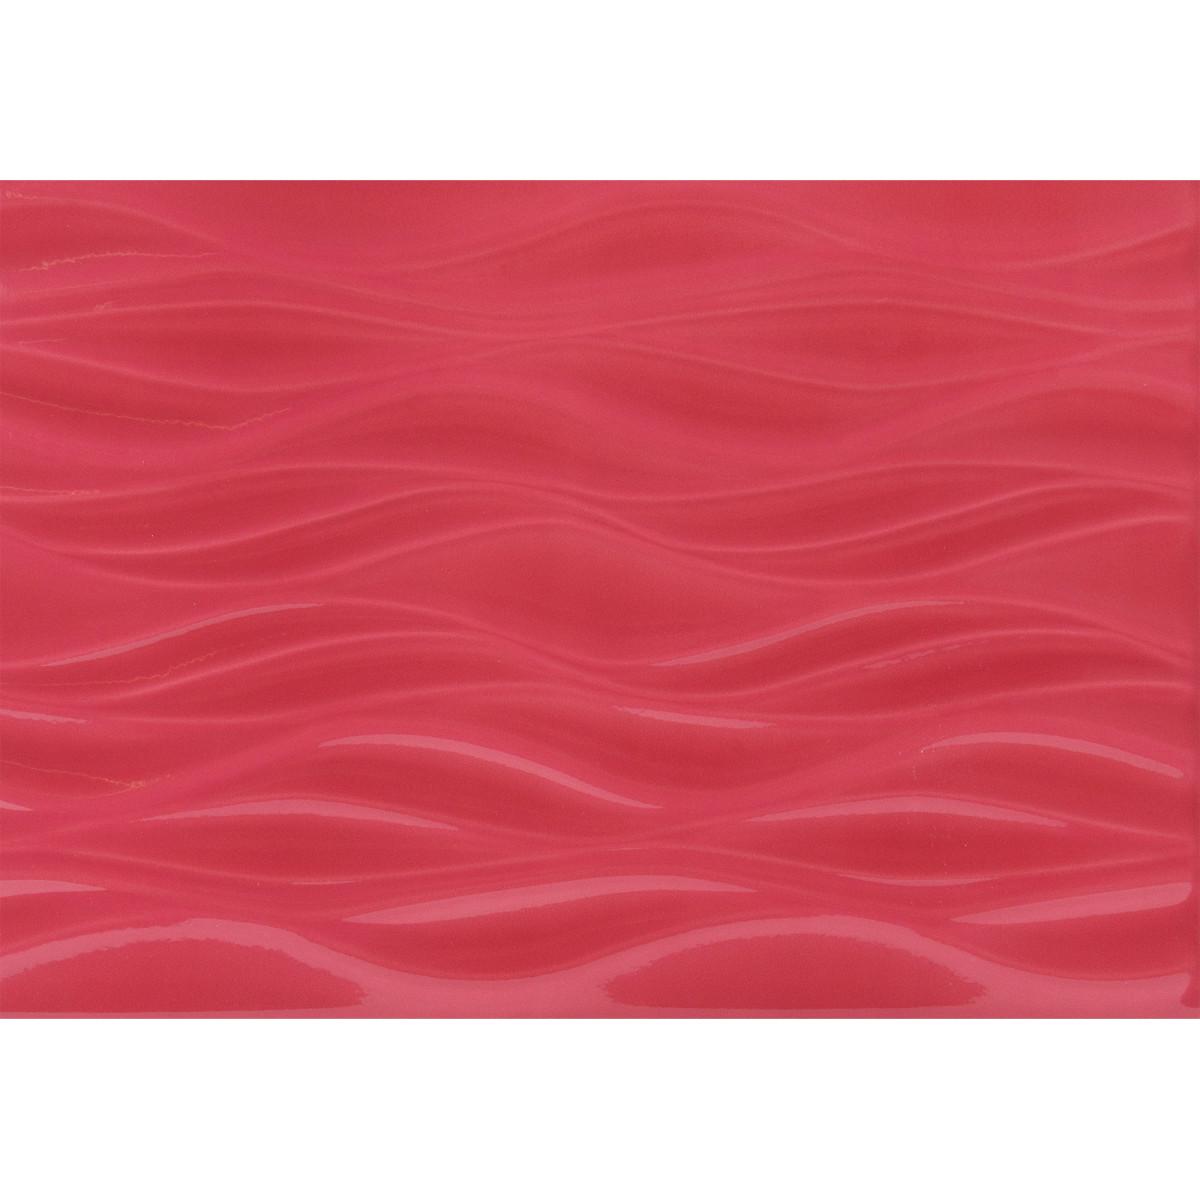 Плитка настенная Орхидея низ 28х40 см 1.232 м2 цвет красный